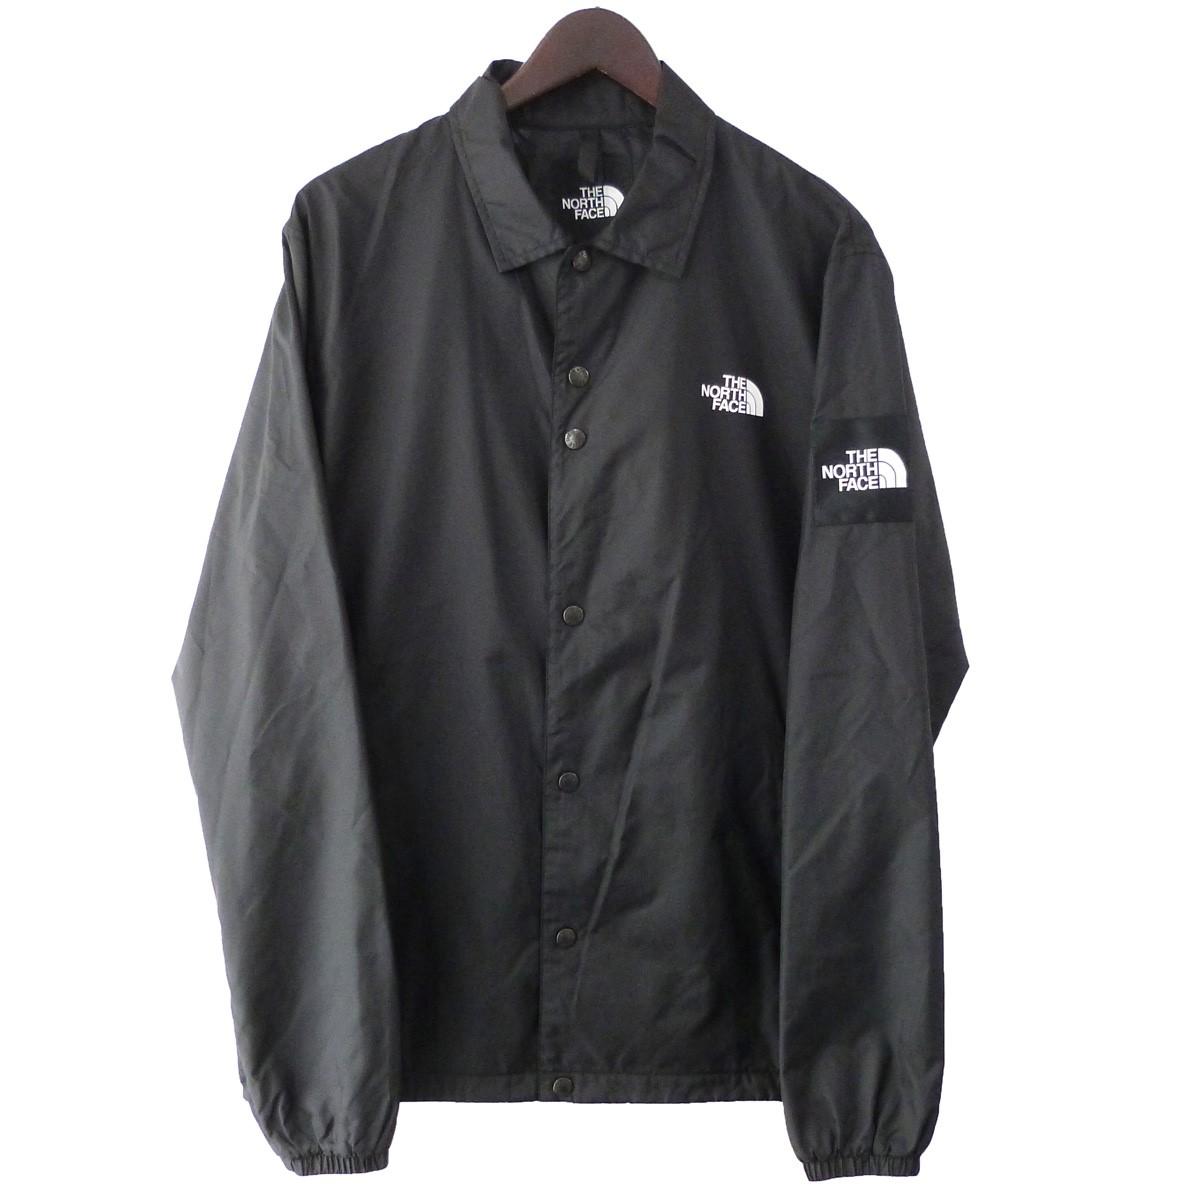 【中古】THE NORTH FACE 「THE COACH JACKET」 コーチジャケット ブラック サイズ:XL 【290320】(ザノースフェイス)